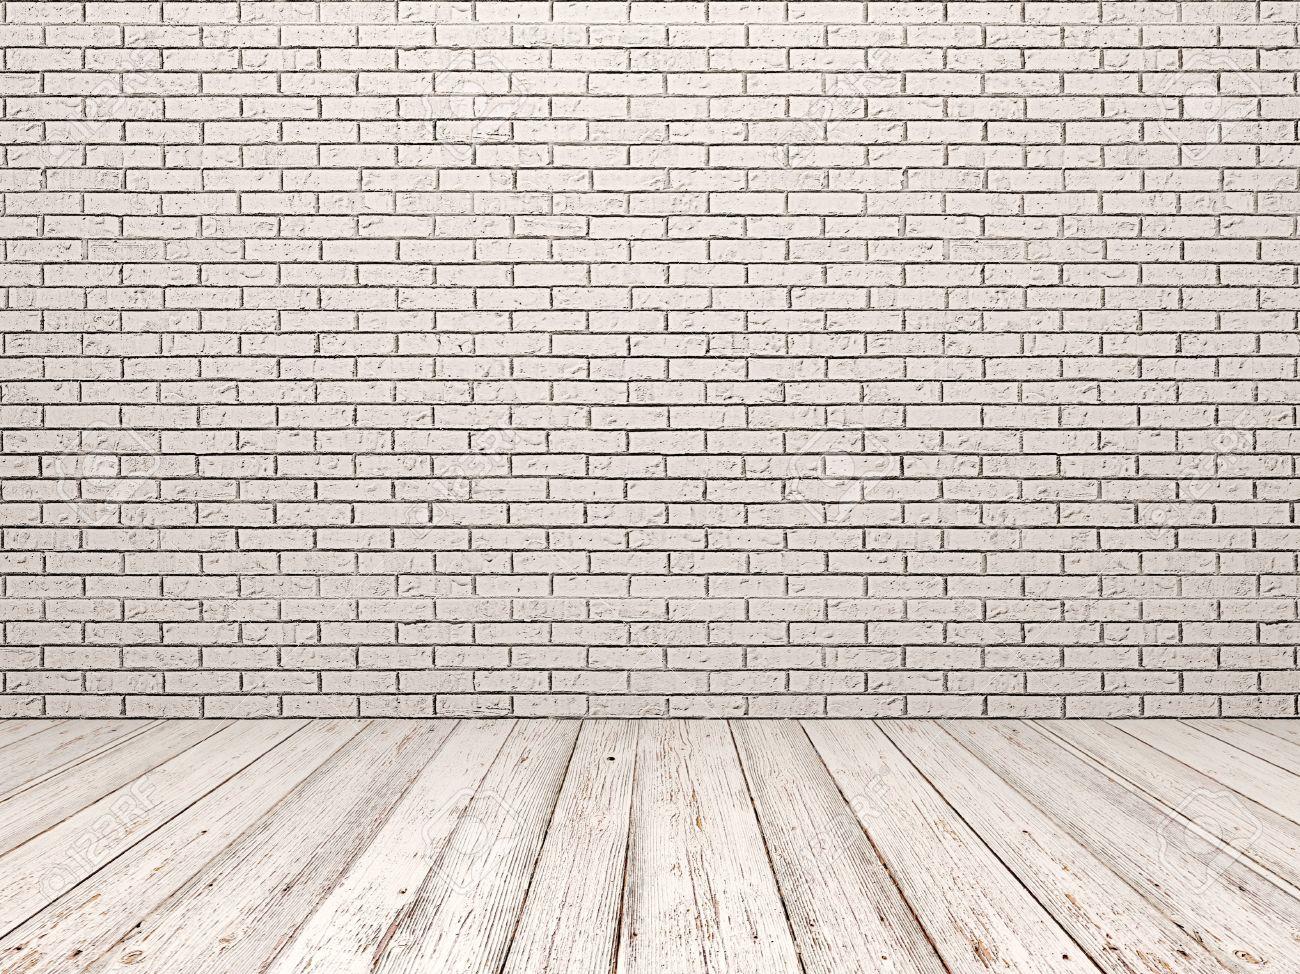 pared de ladrillo blanco y el piso de madera blanca foto de archivo - Pared Ladrillo Blanco